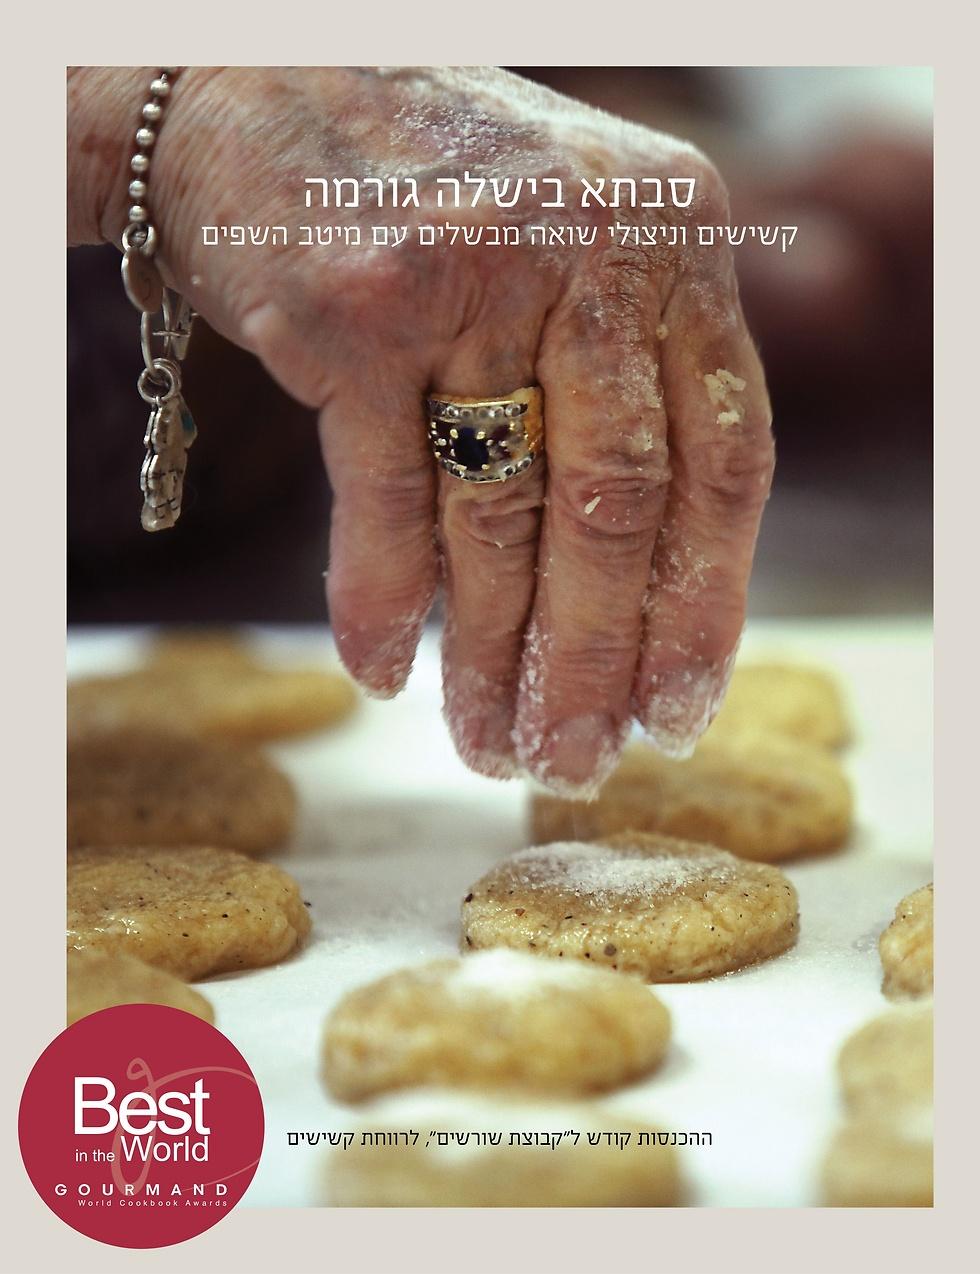 """ייצא במהדורה חדשה עם חותמת גורמנד (צילום: יח""""צ) (צילום: יח"""